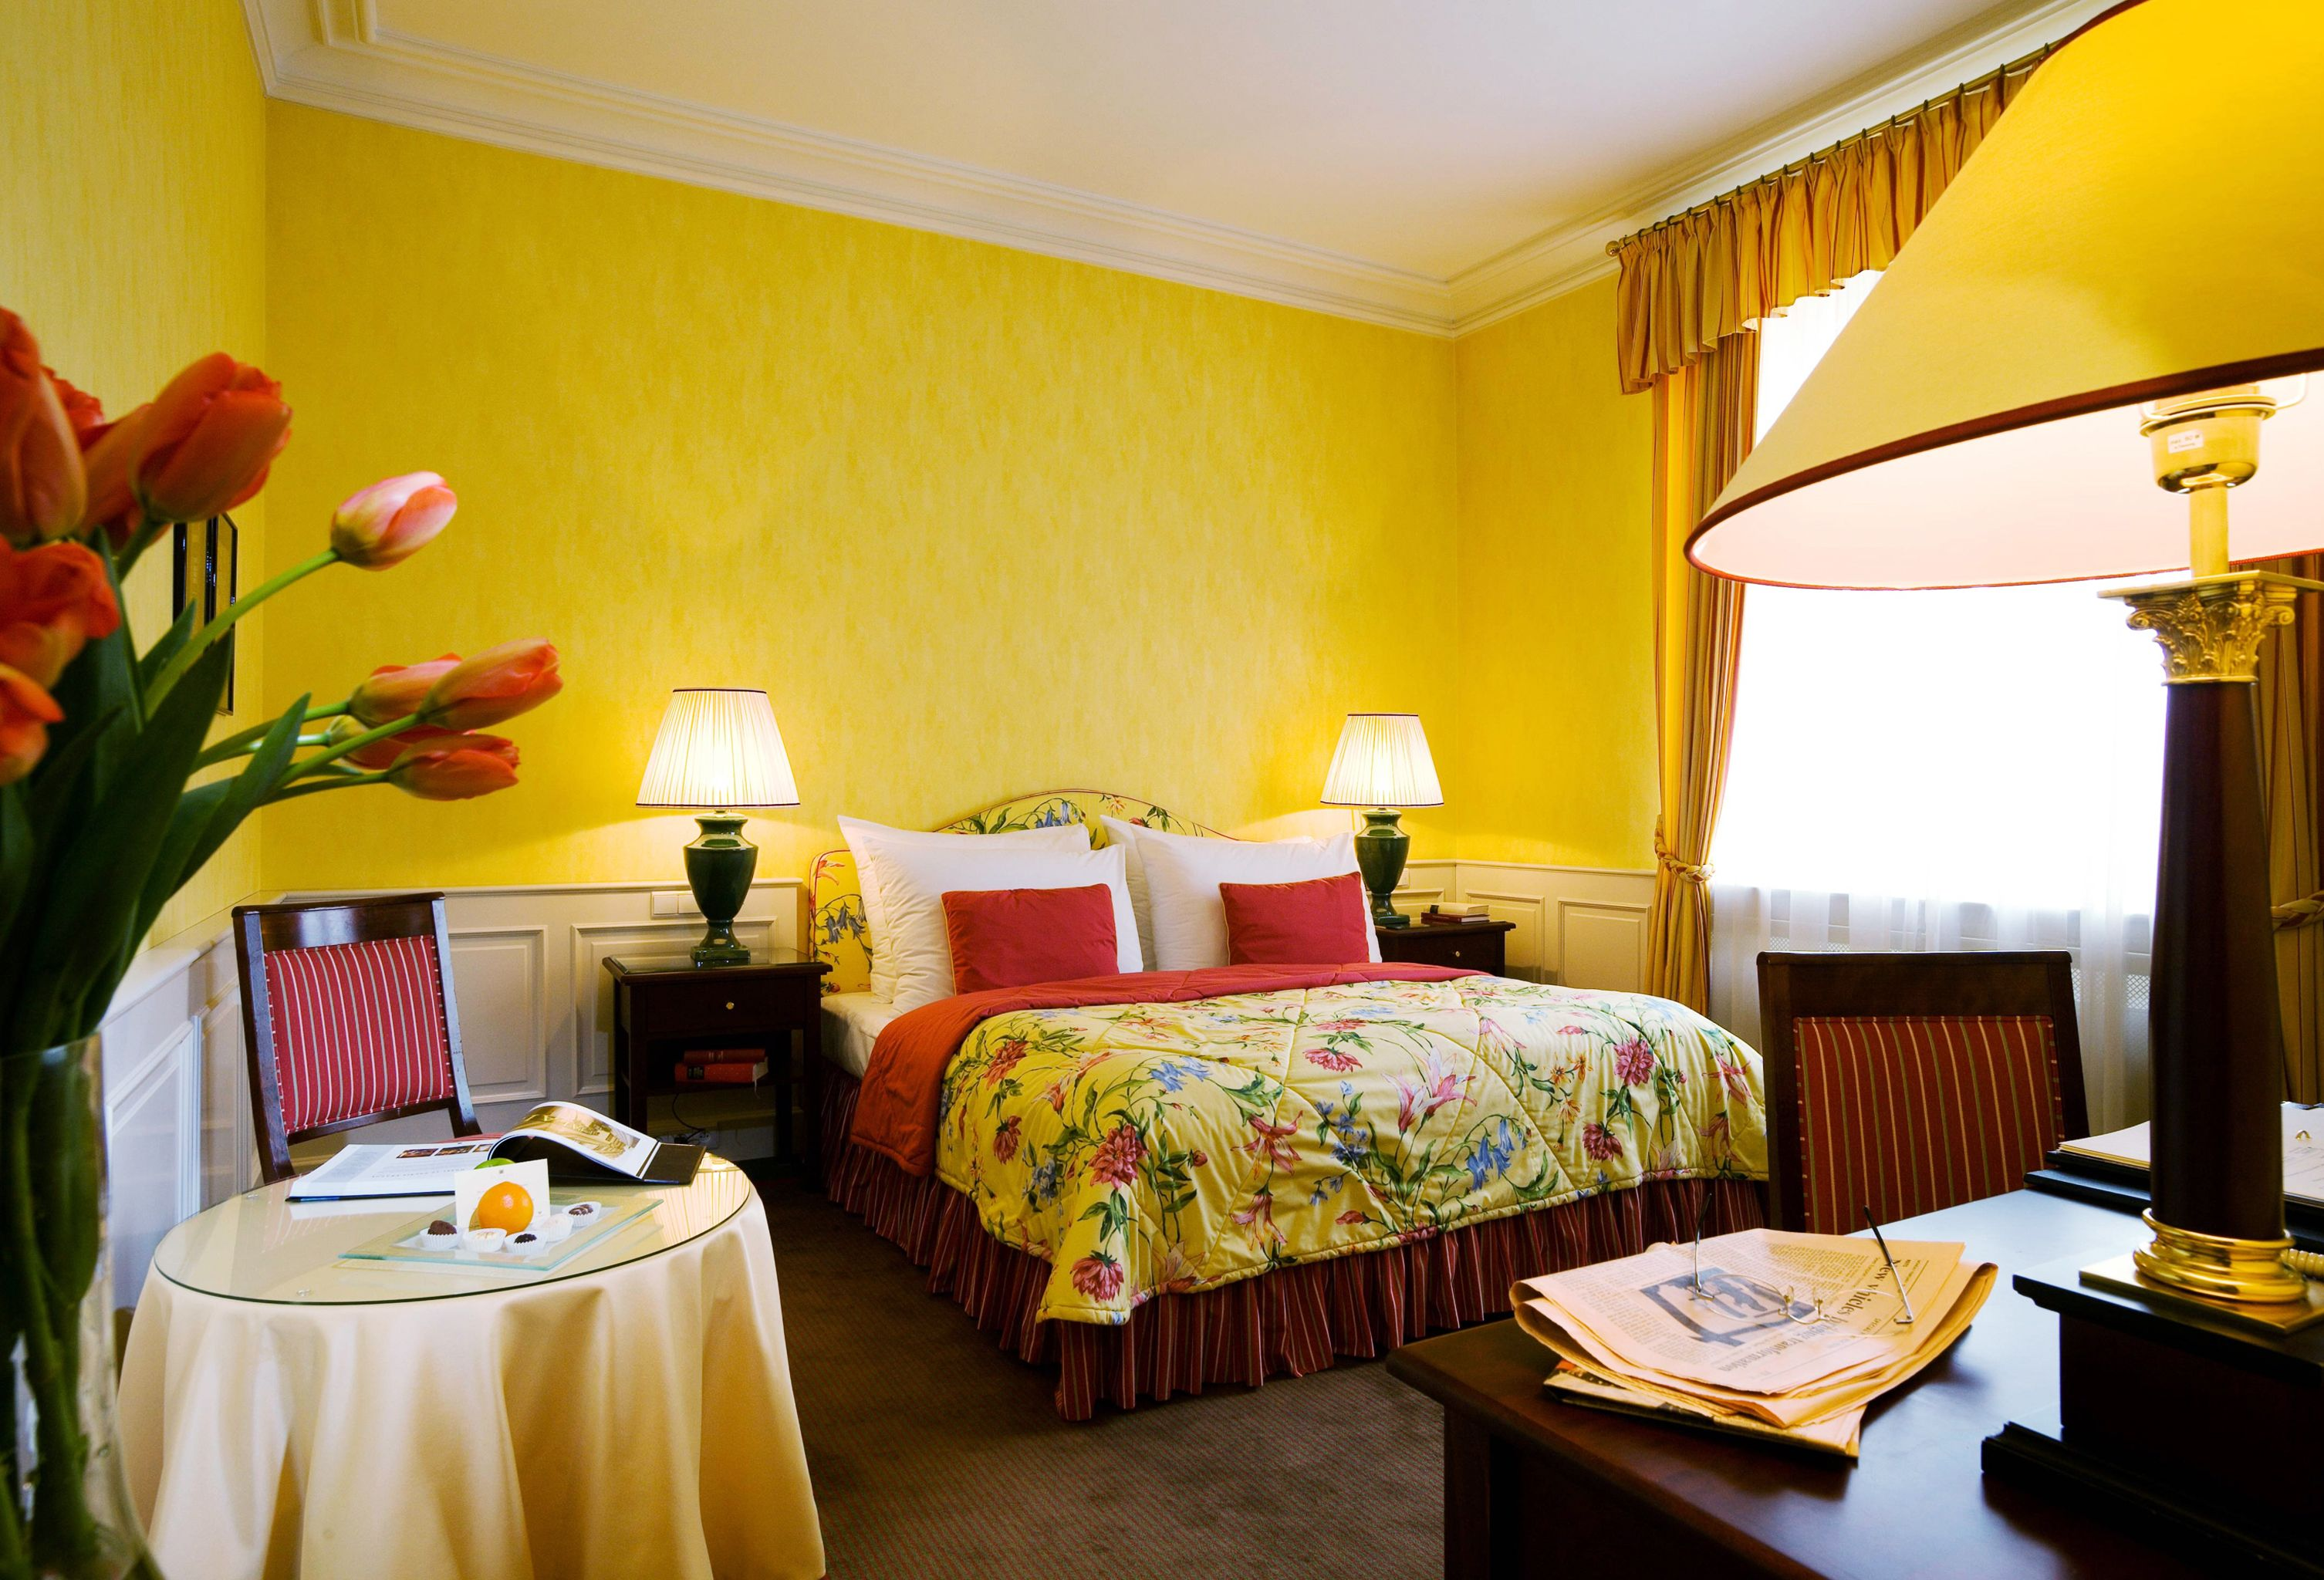 Мебель в жёлтую спальню.